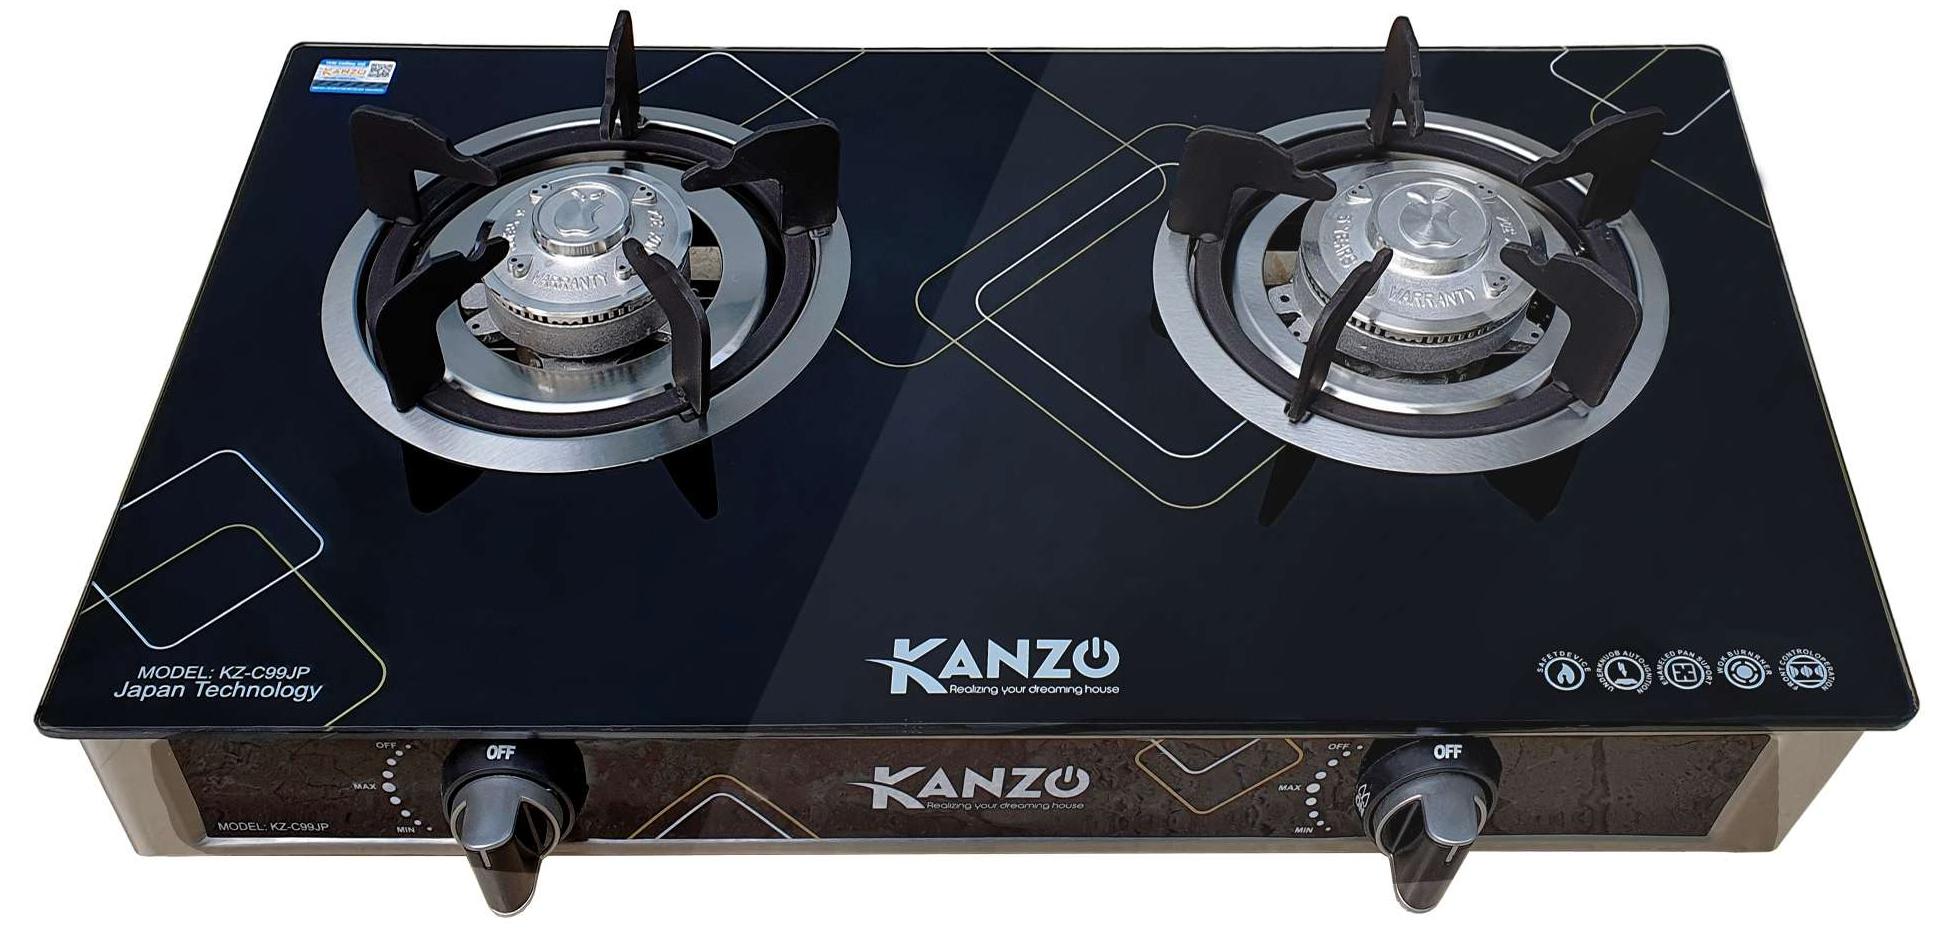 Bếp gas dương kính Kanzo KZ-C99JP